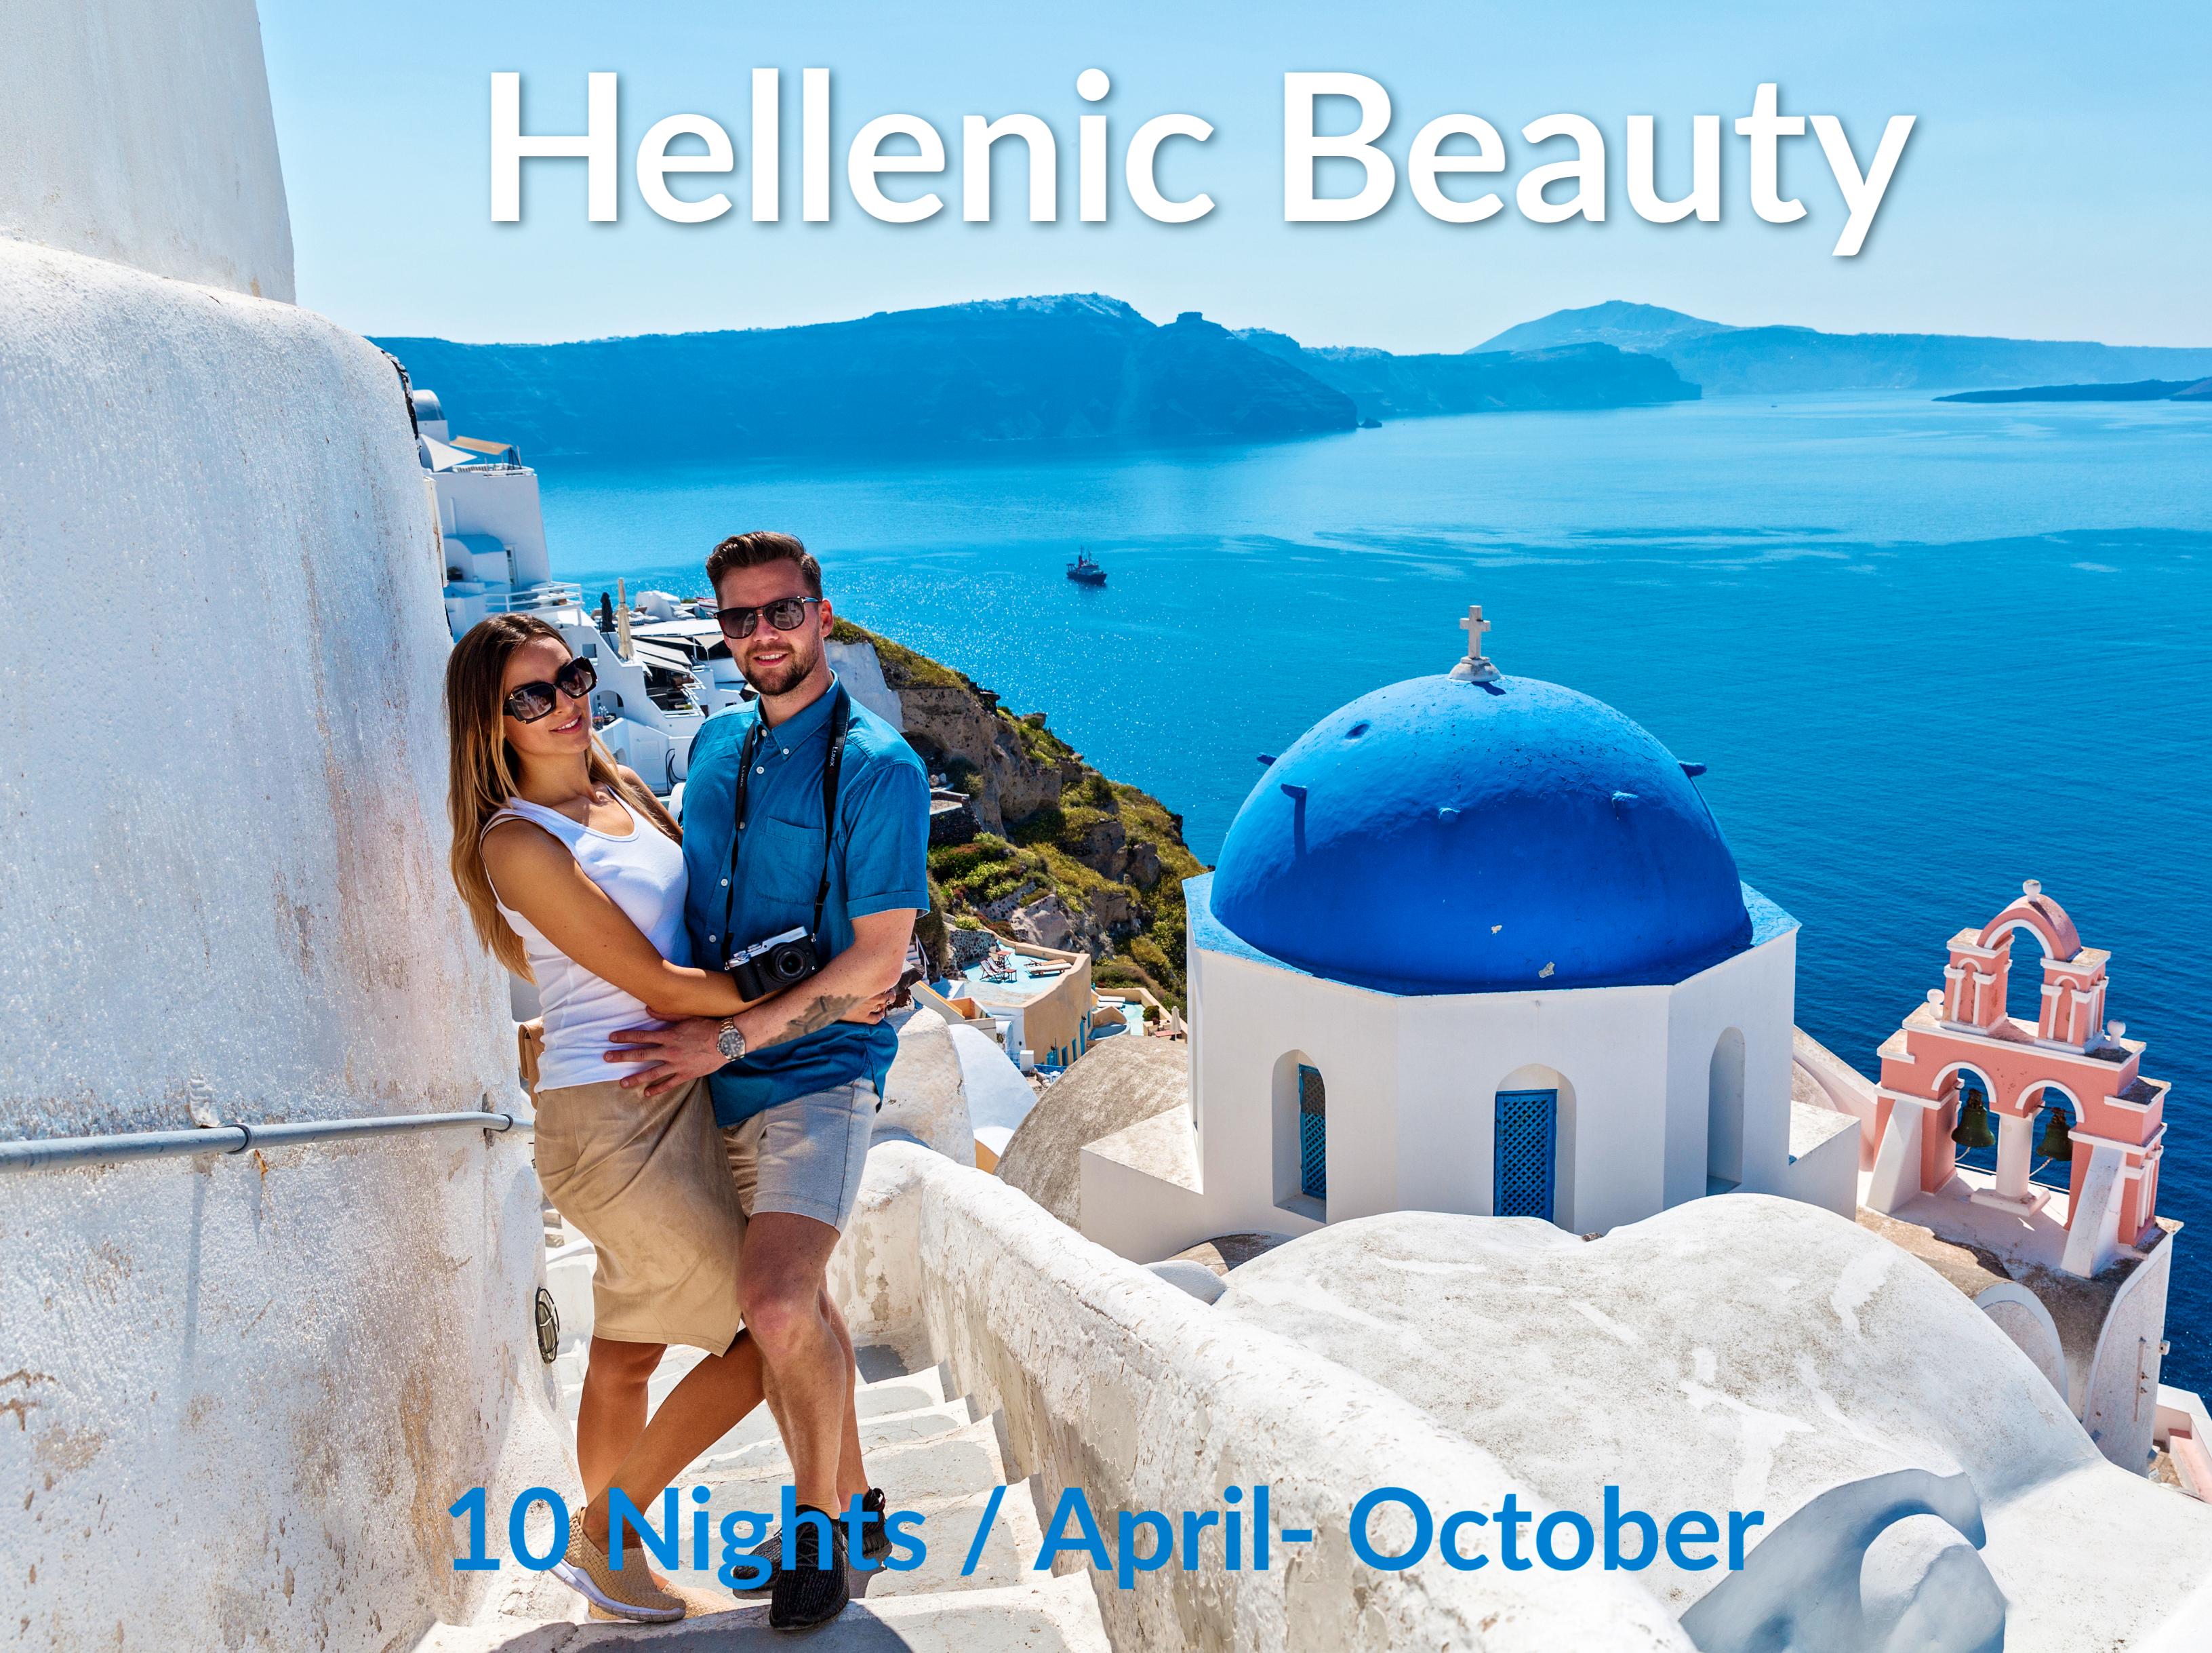 Hellenic Beauty